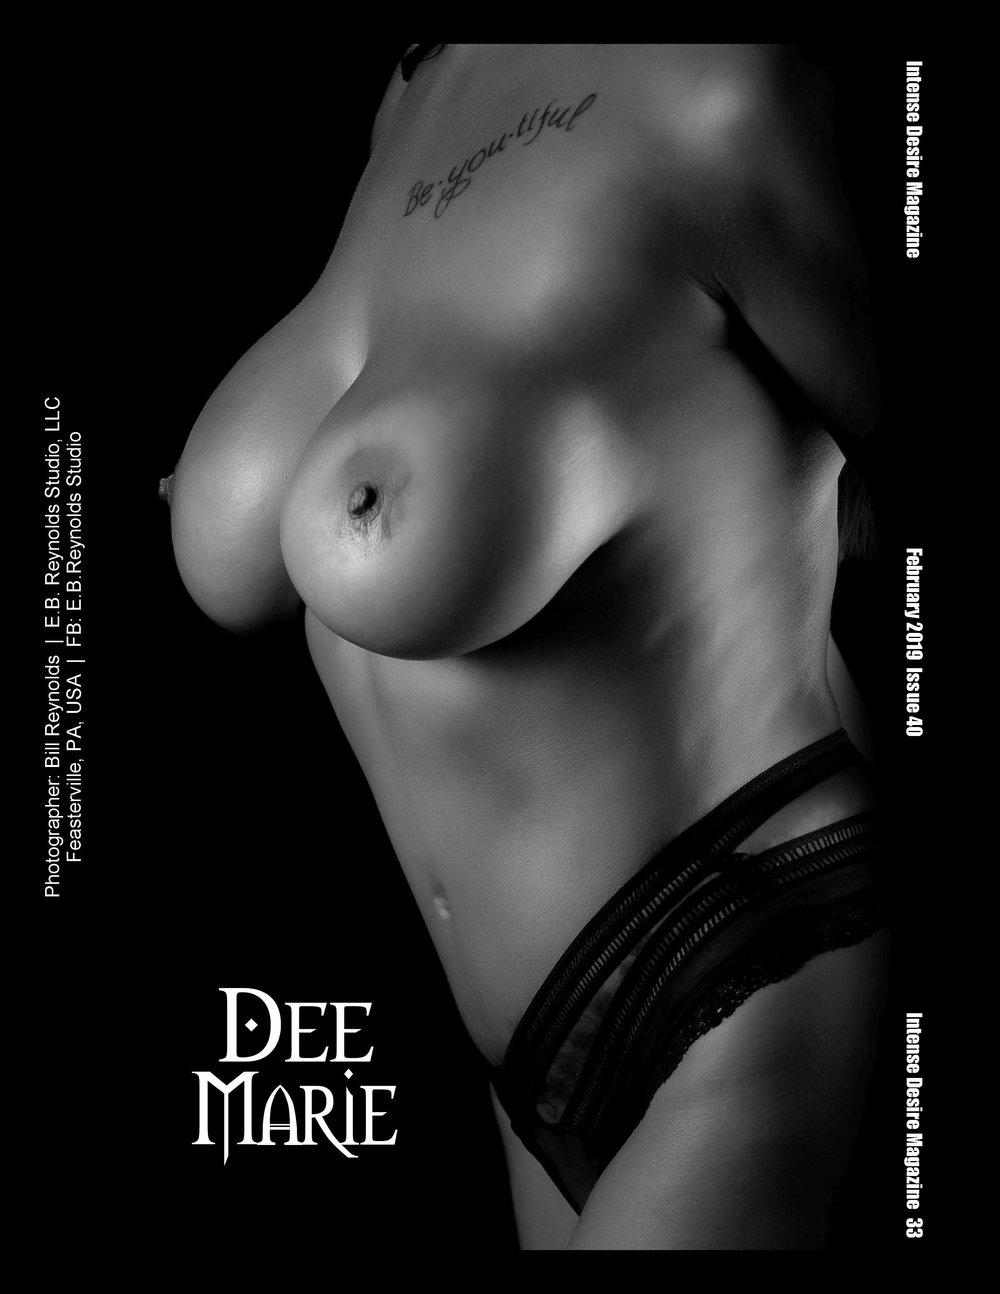 Model Dee Marie